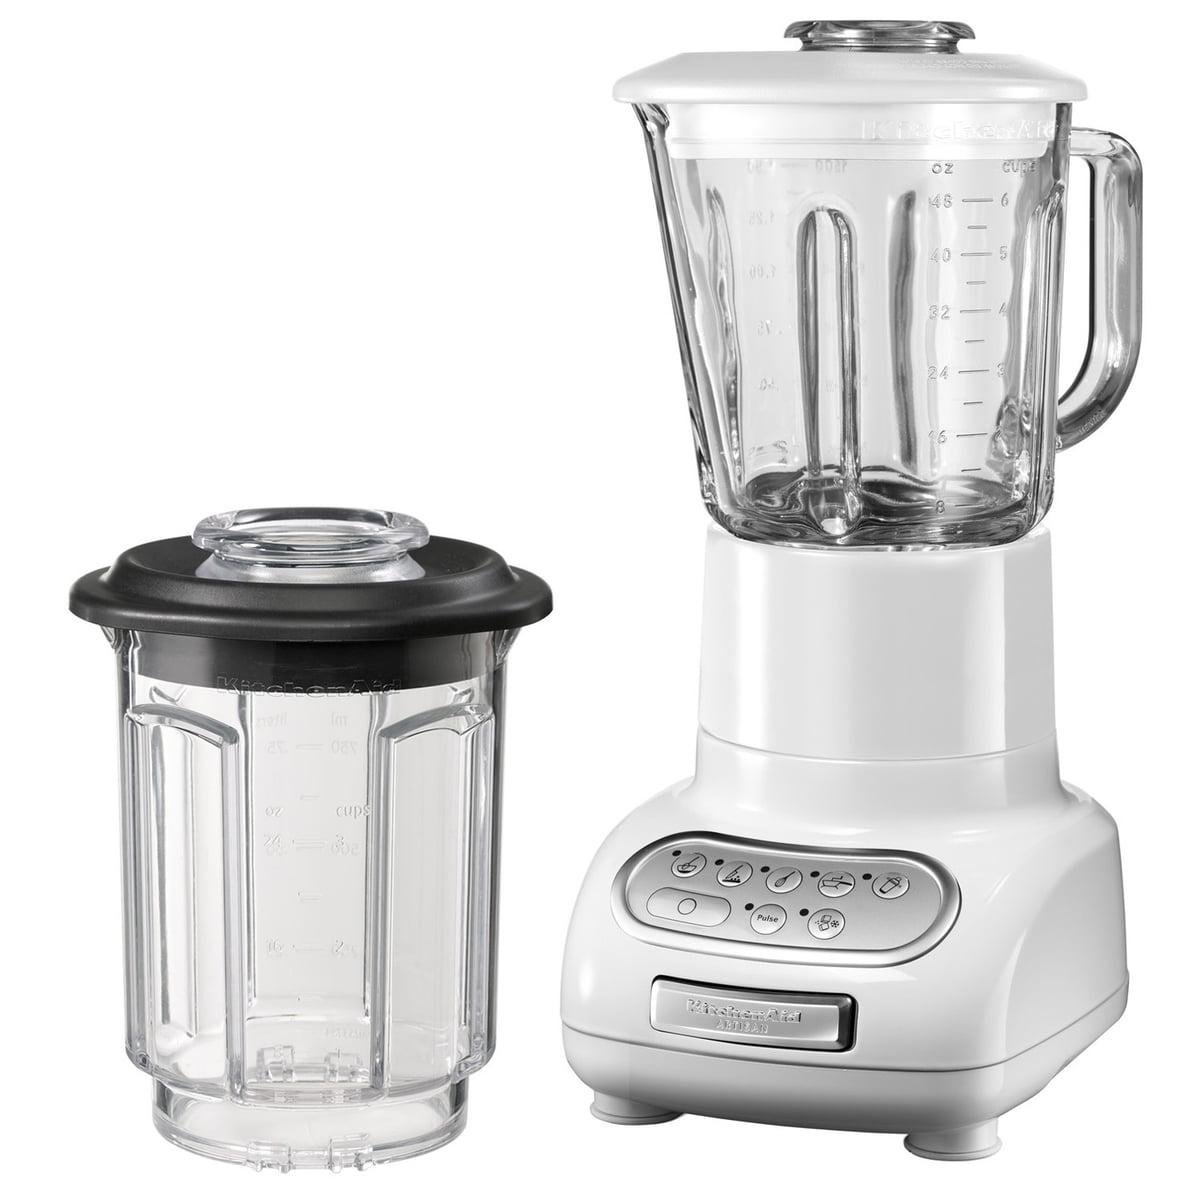 KitchenAid - Artisan Standmixer mit 1.5 l Glasbehälter und 0.75 l Küchenmixbehälter, weiß | Küche und Esszimmer > Küchengeräte > Rührgeräte und Mixer | Kitchen Aid